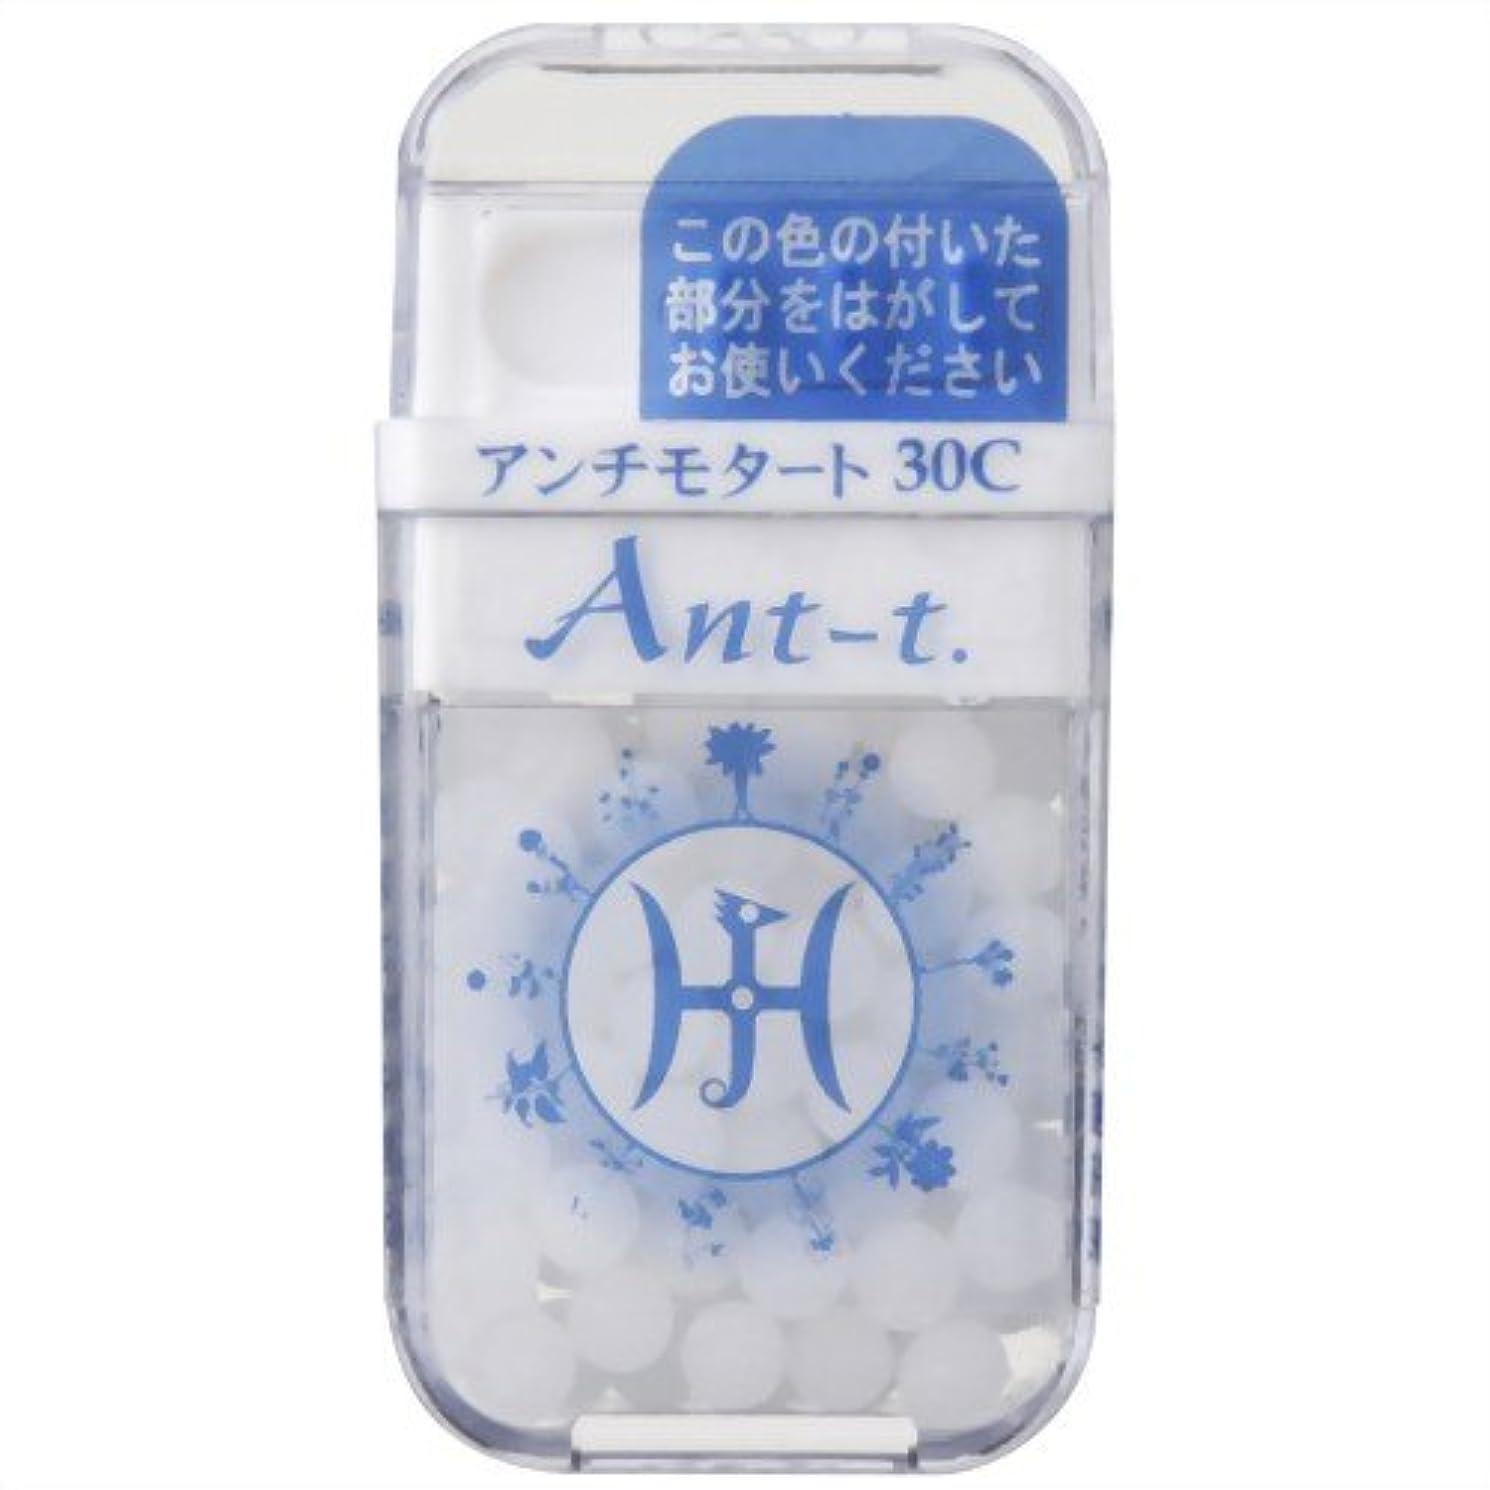 ホイッスル違反パズルホメオパシージャパンレメディー Ant-t.  アンチモタート 30C (大ビン)